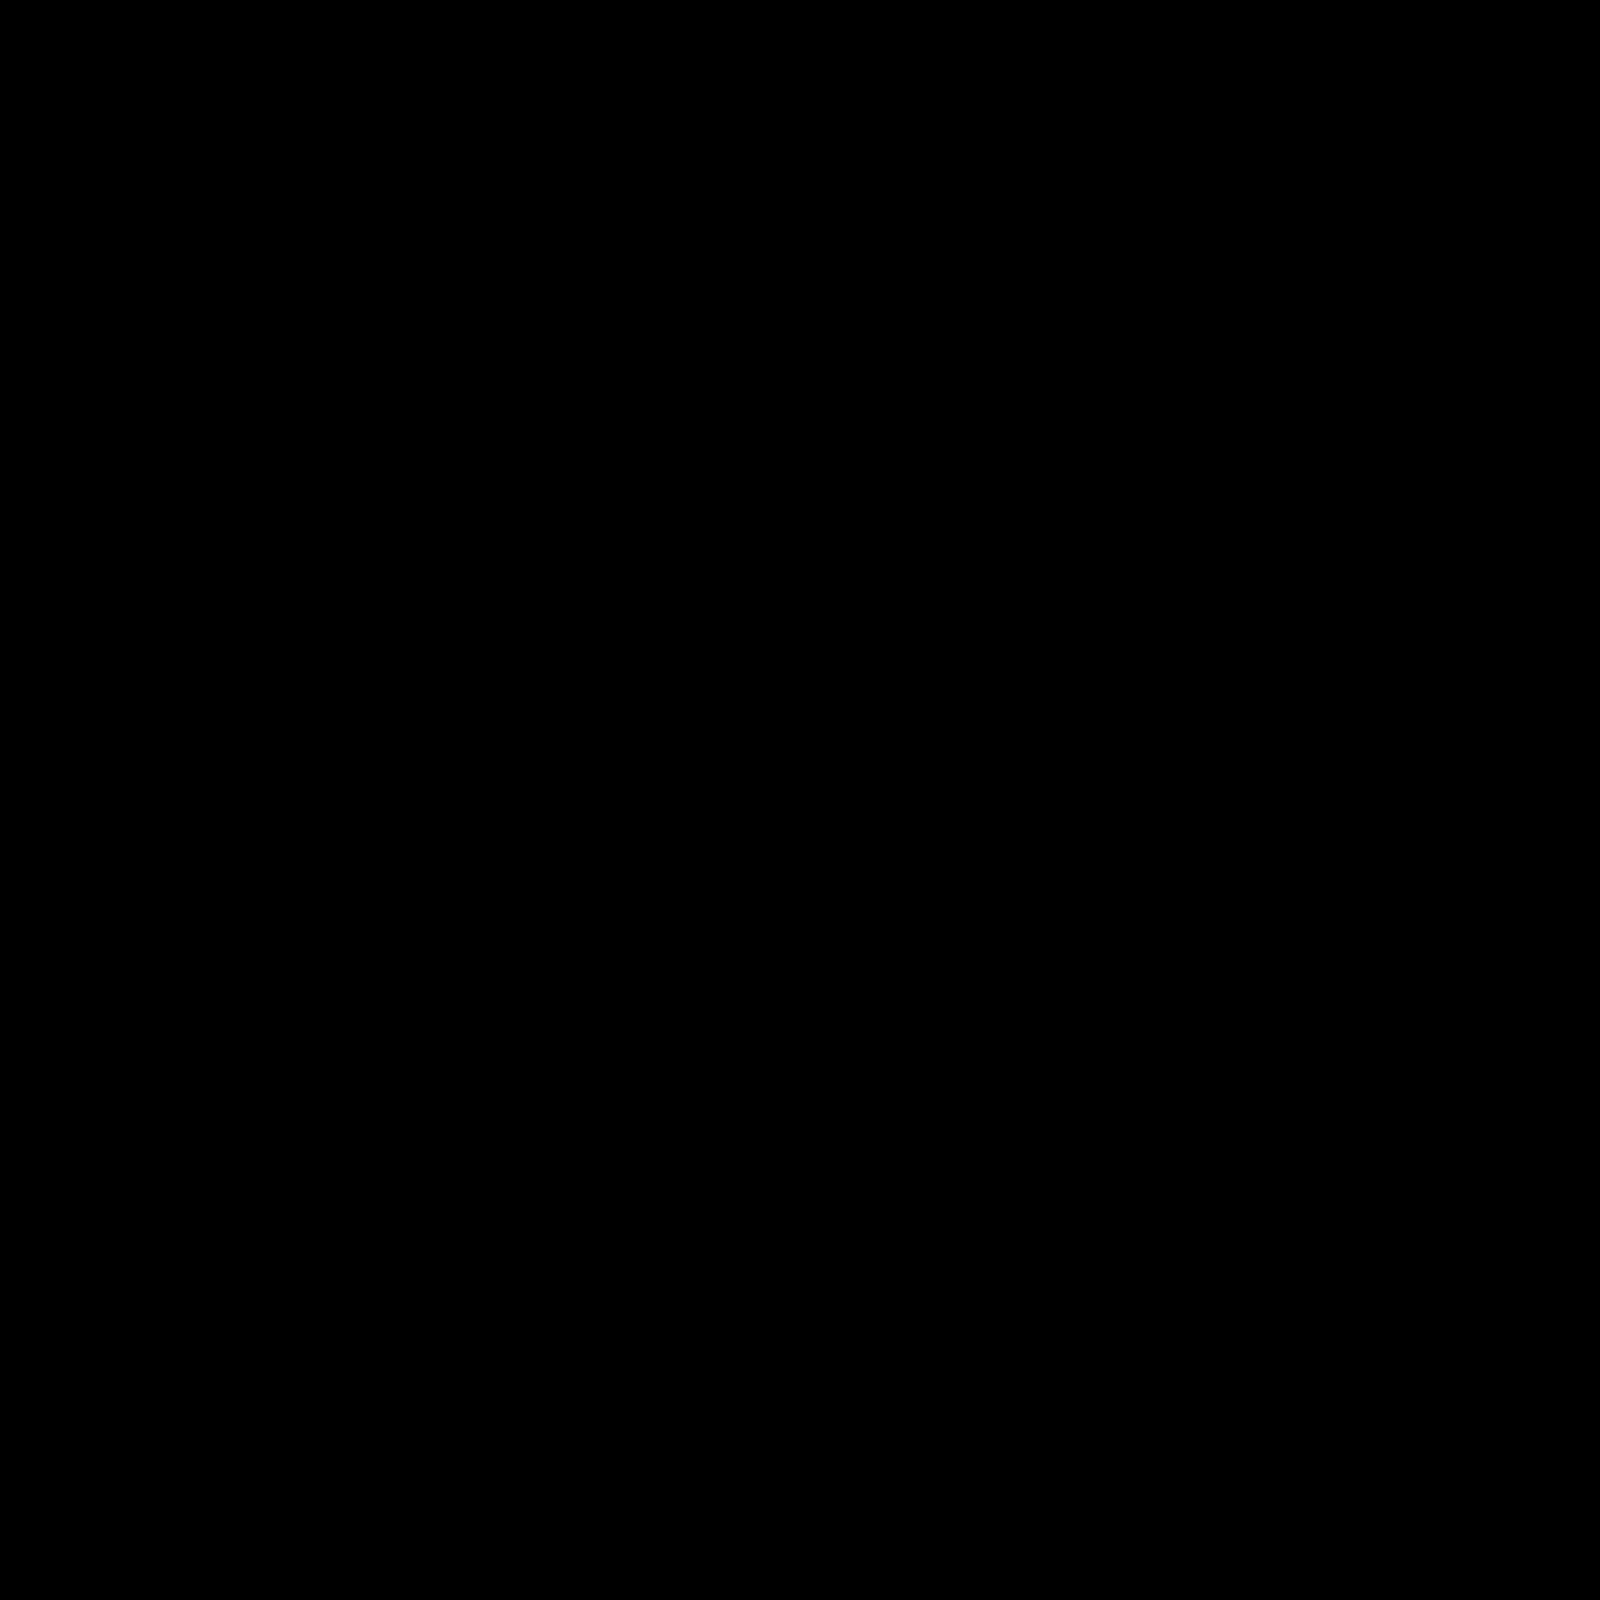 Pojazdy 8x8 icon